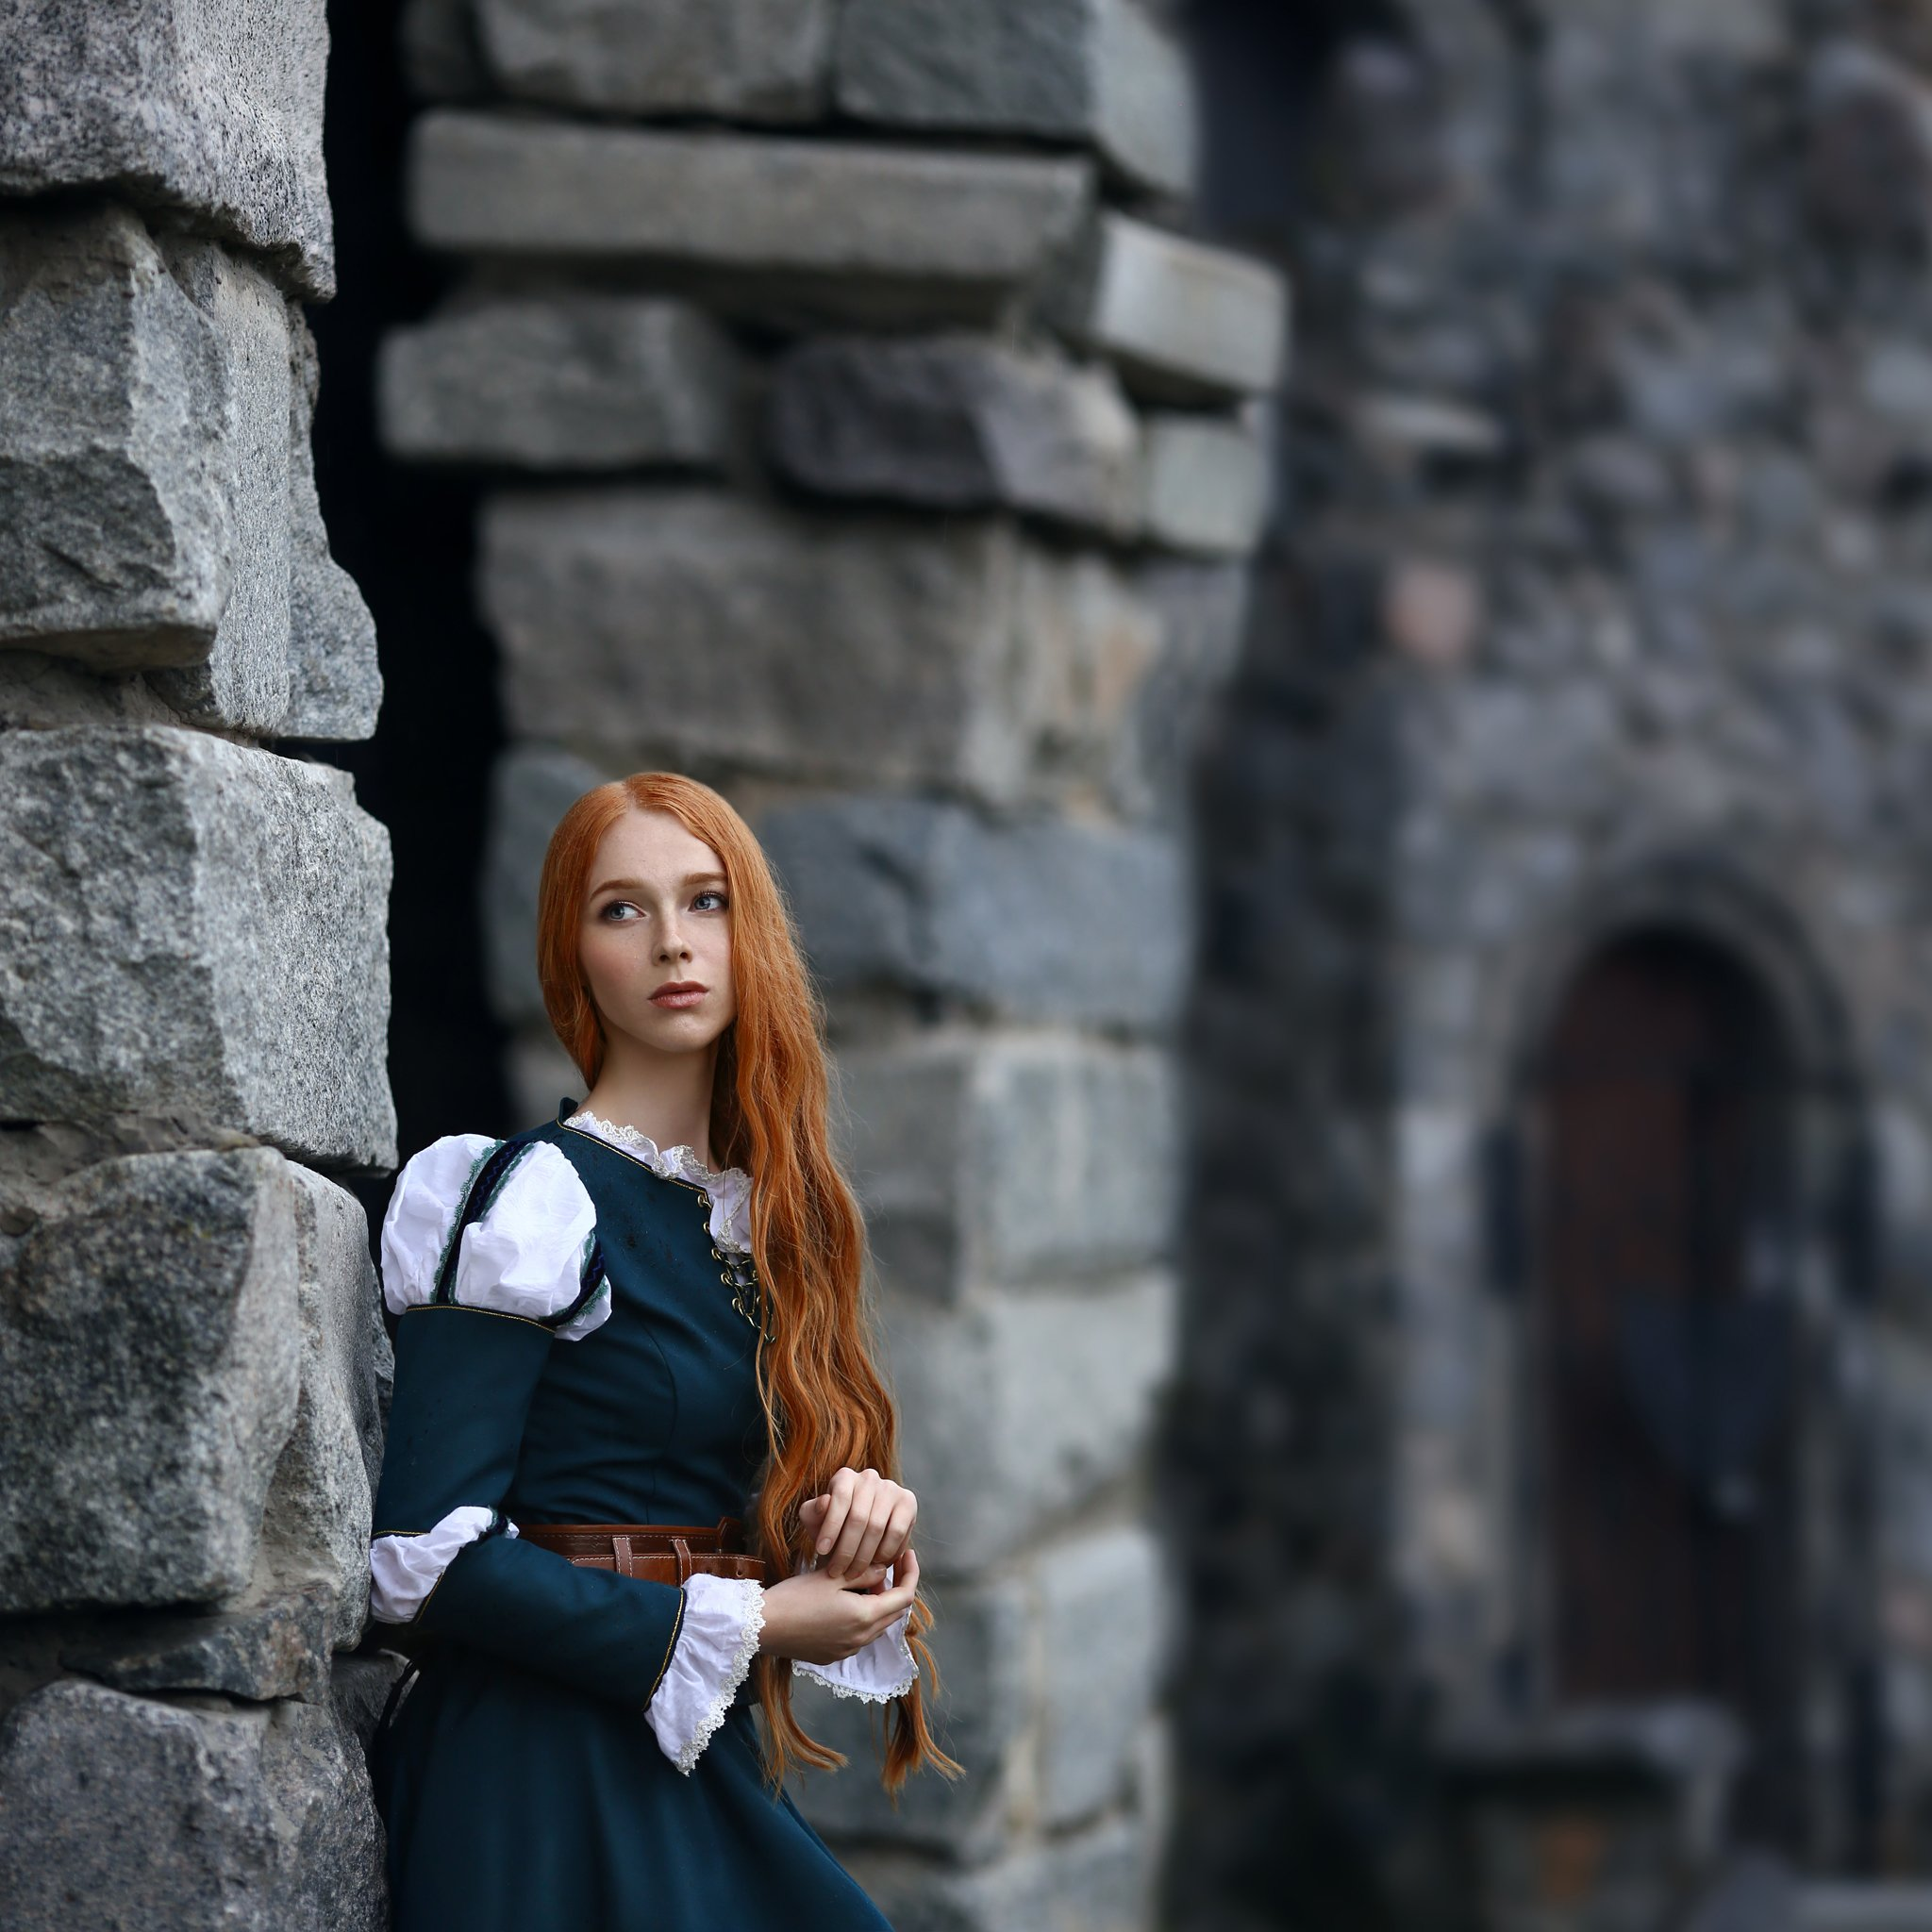 замок, храброе сердце, рыжая девушка, серый замок, серые камни, зеленое платье, исторический костюм, Голубятникова Ирина